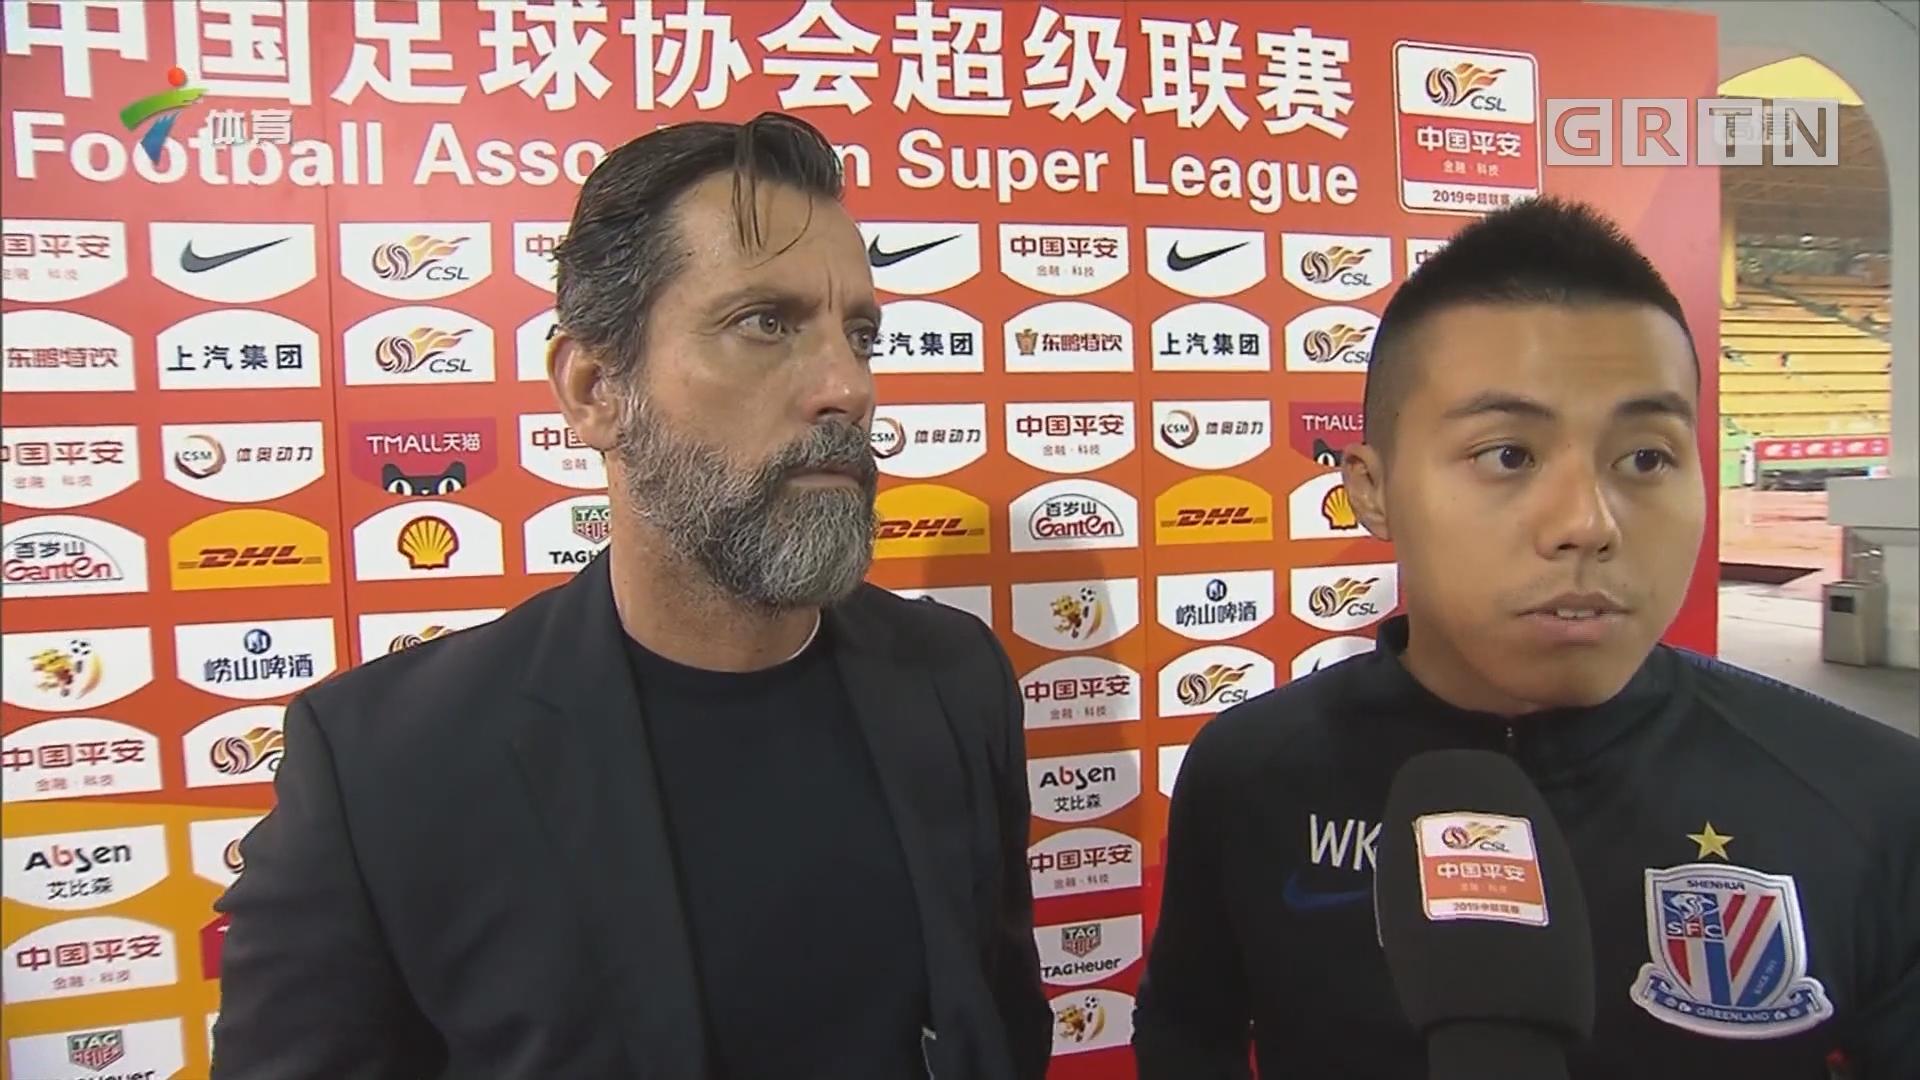 广州富力vs上海绿地申花对主教练的采访